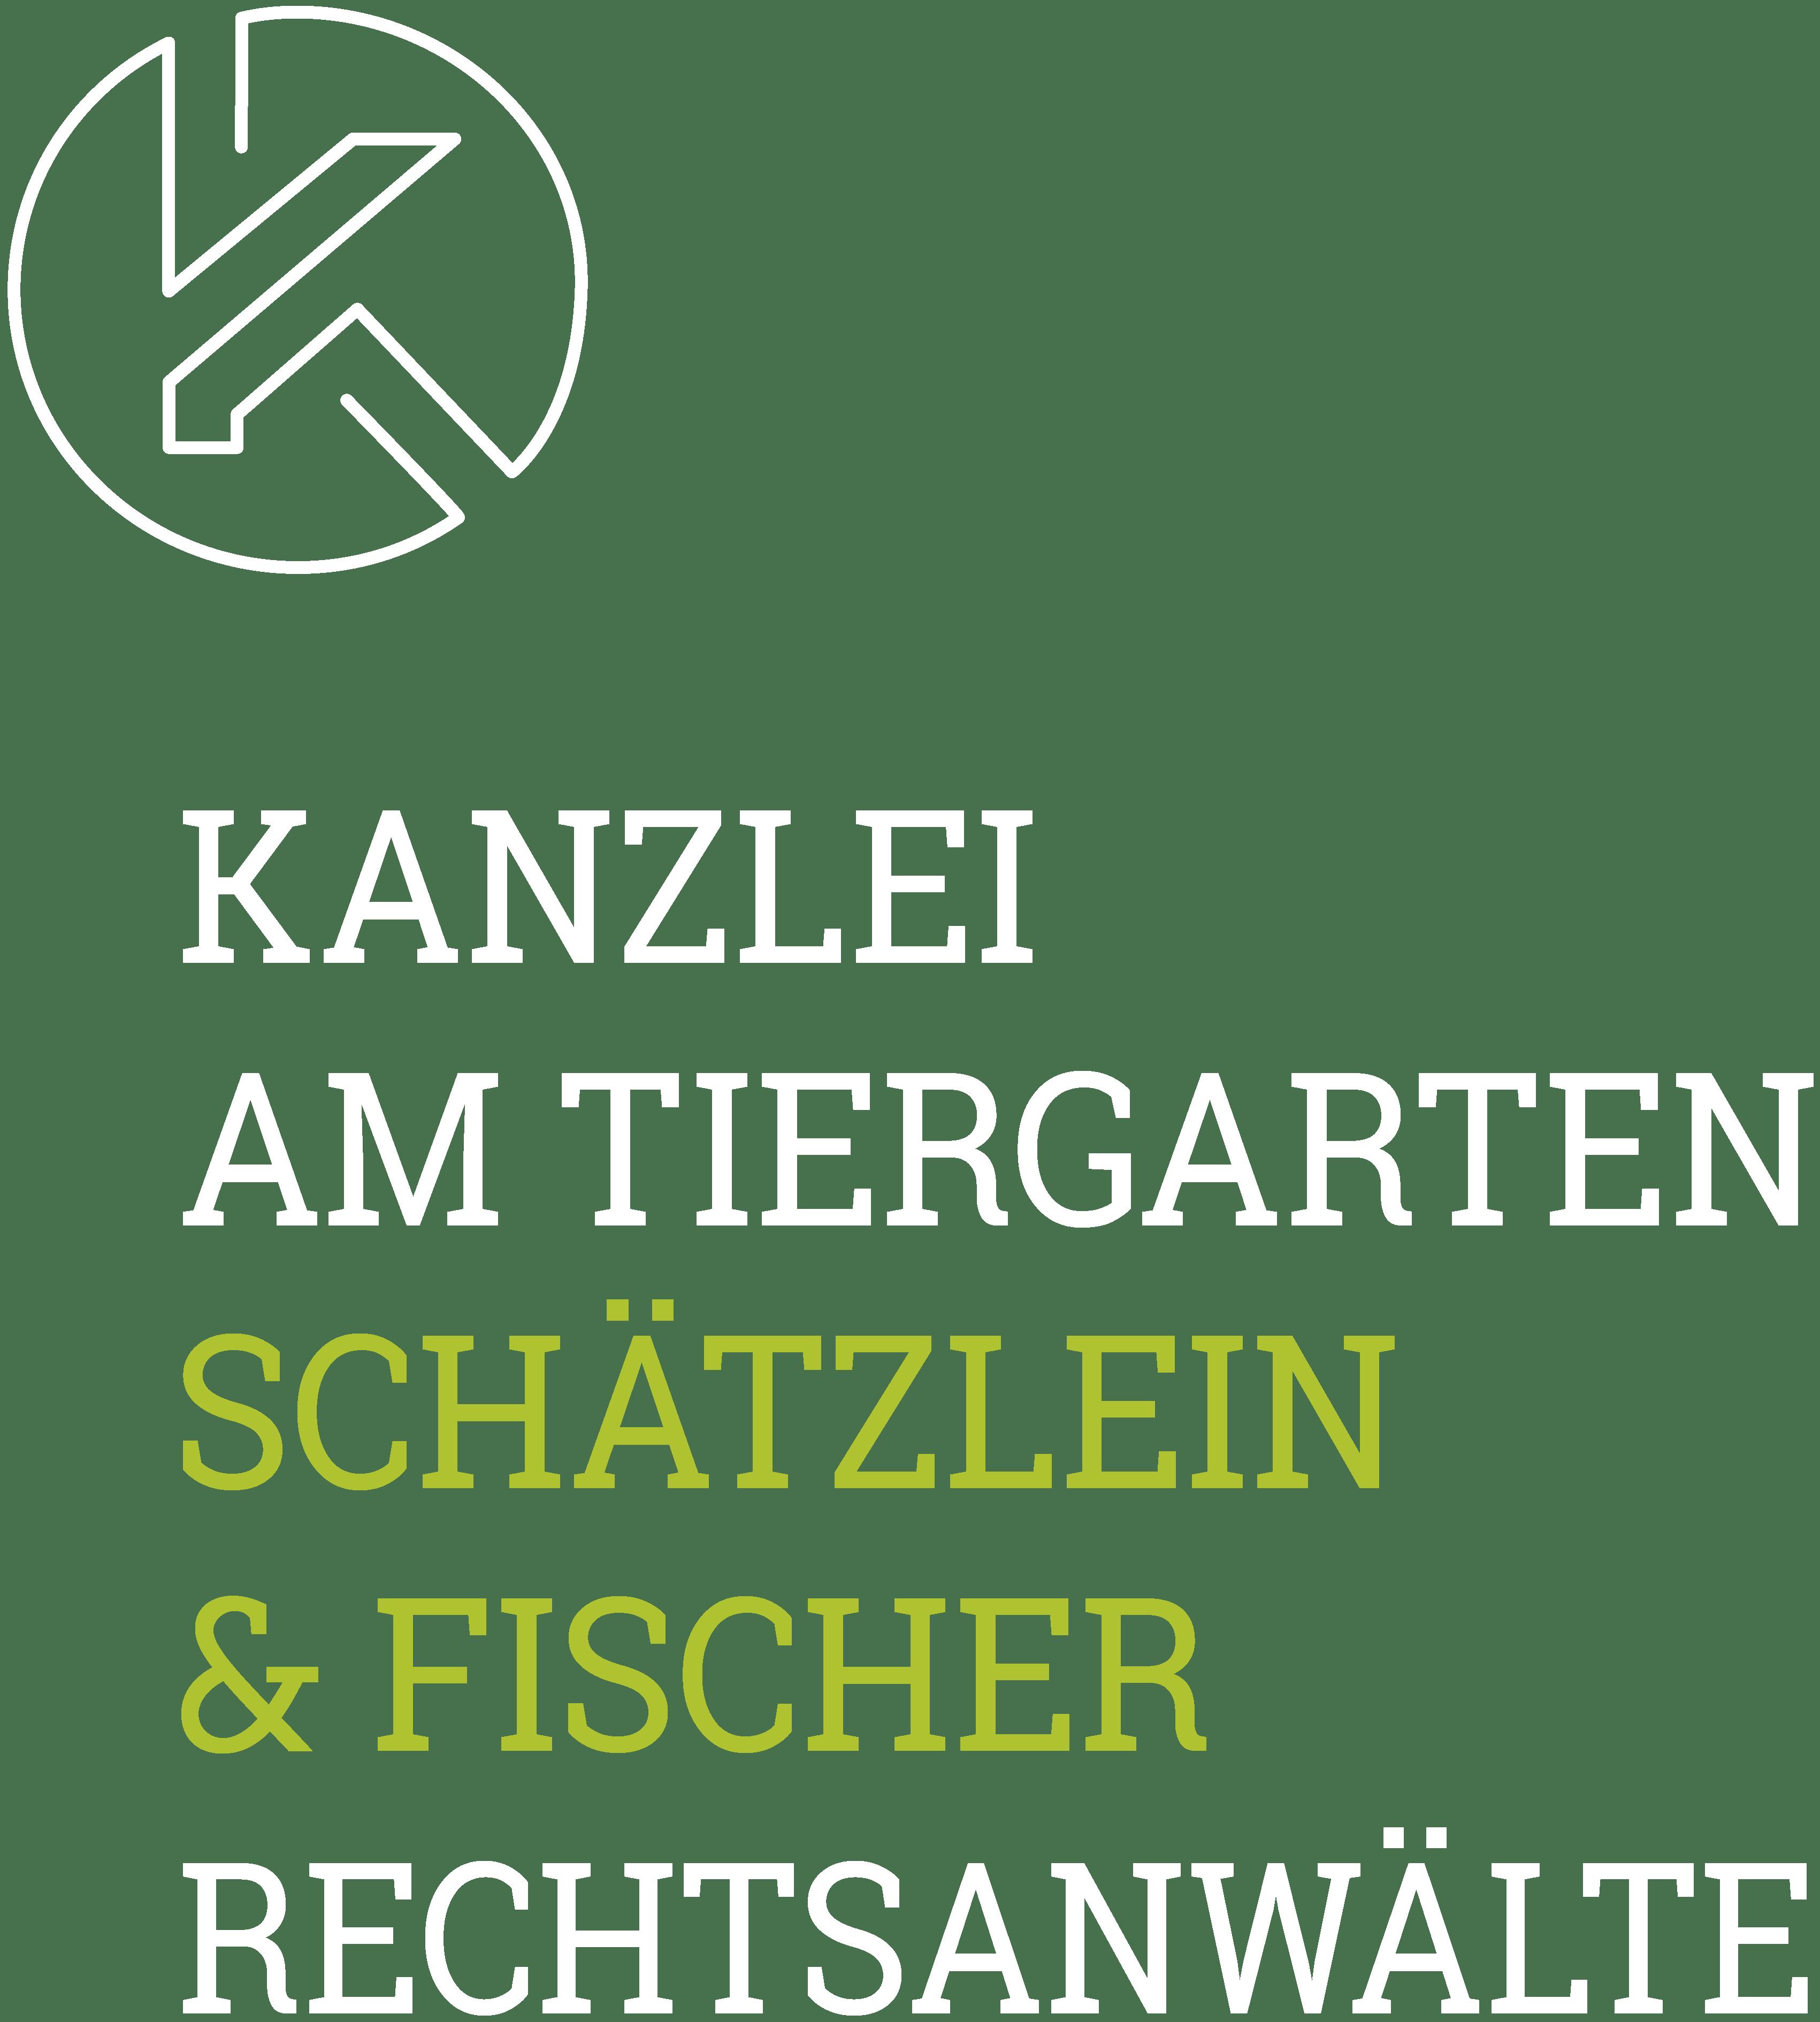 Kanzlei am Tiergarten Nürnberg